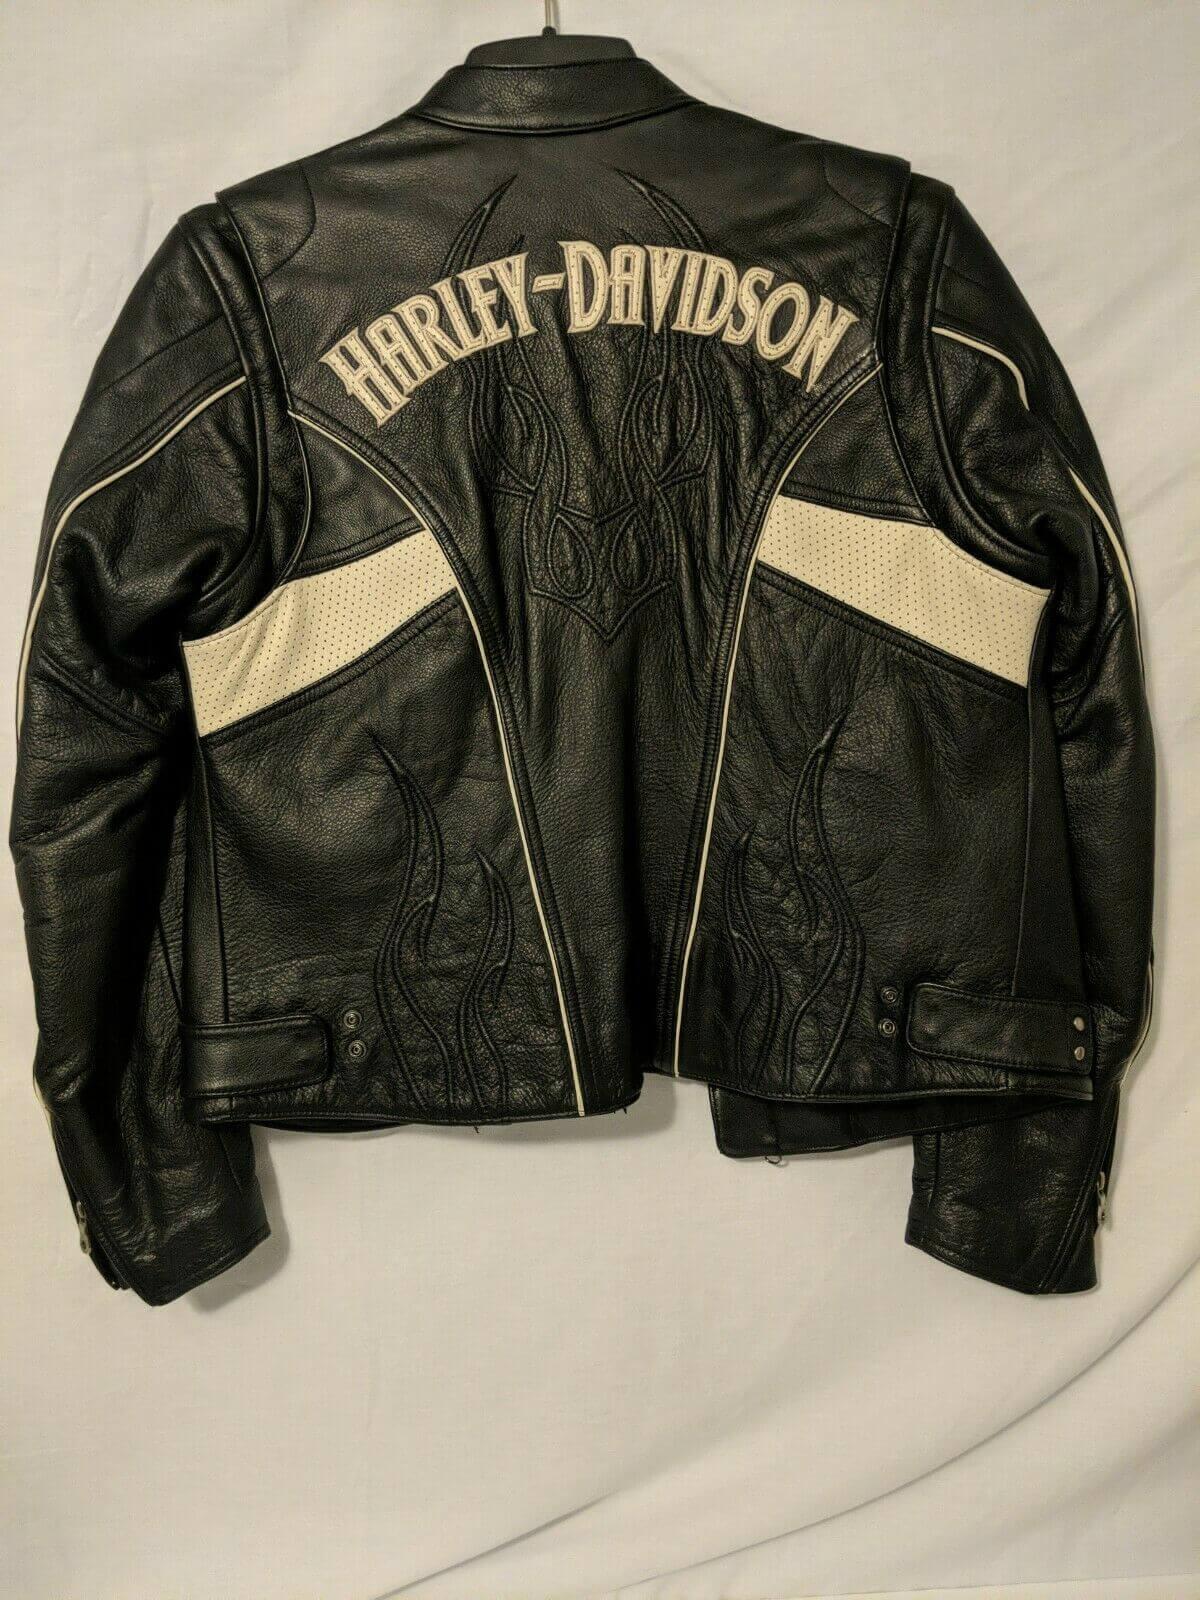 Harley Davidson Hot Spell Black Leather Jacket